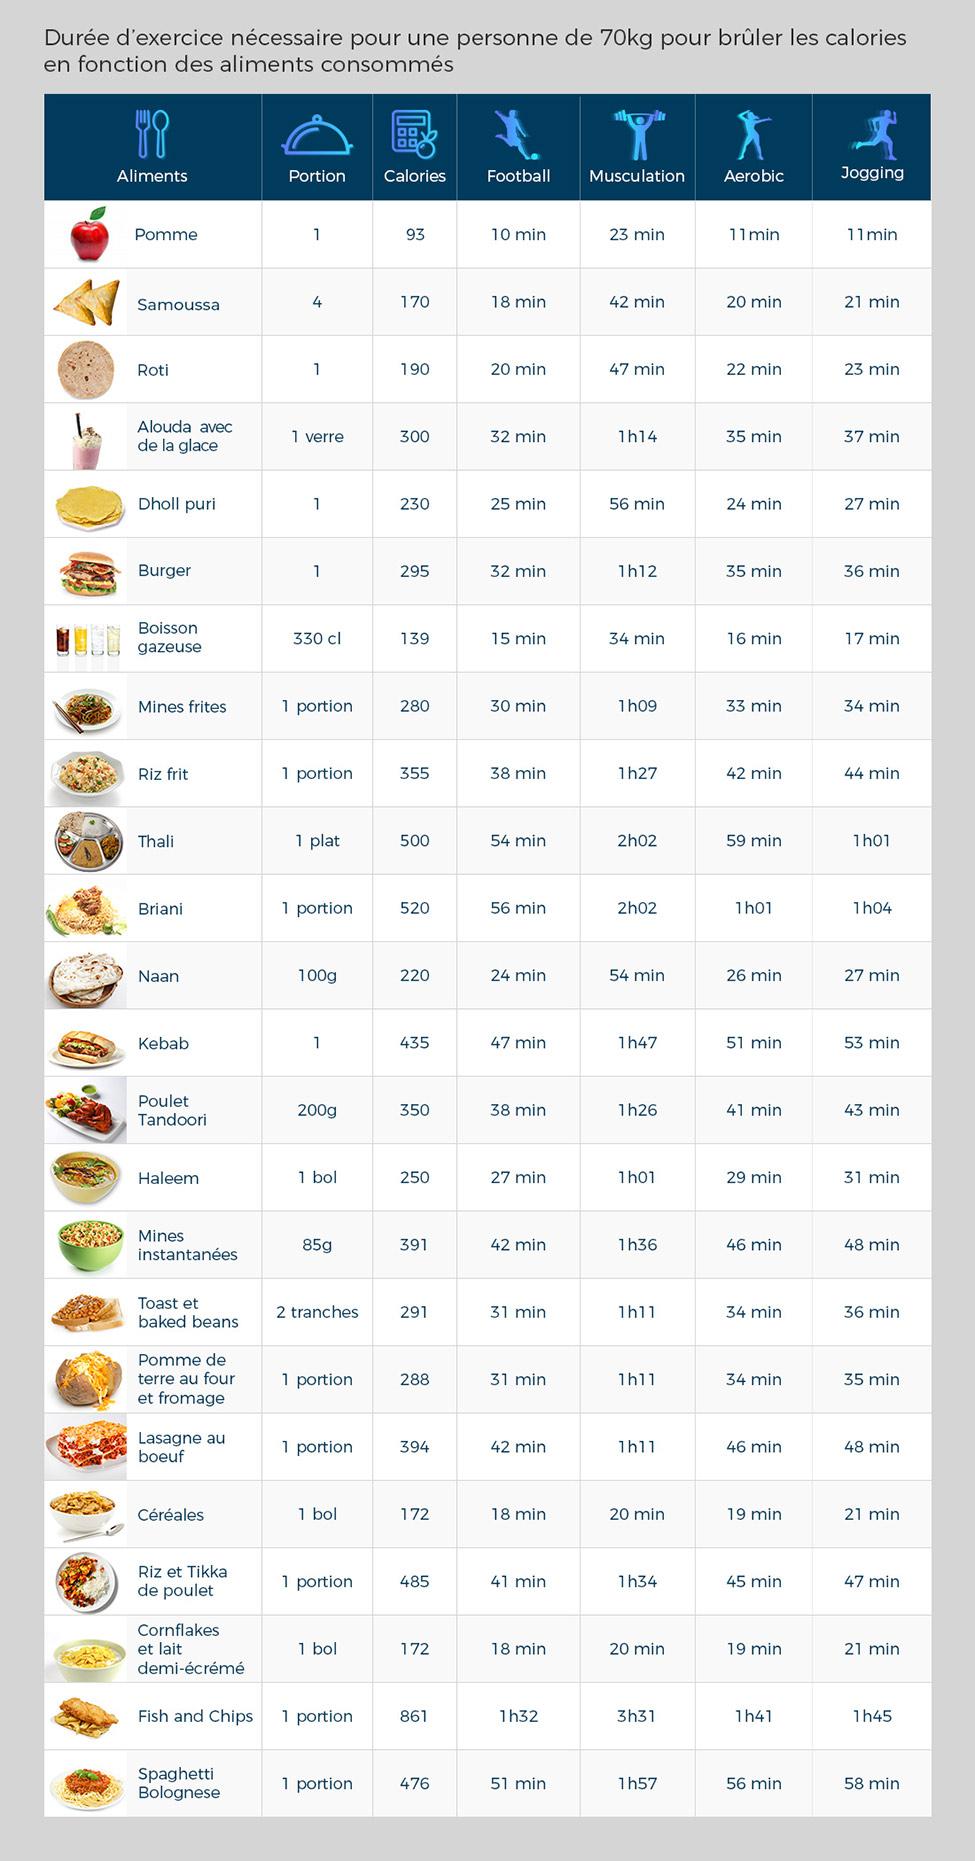 Santé : combien d'exercices devez-vous faire pour brûler les calories de vos plats préférés?